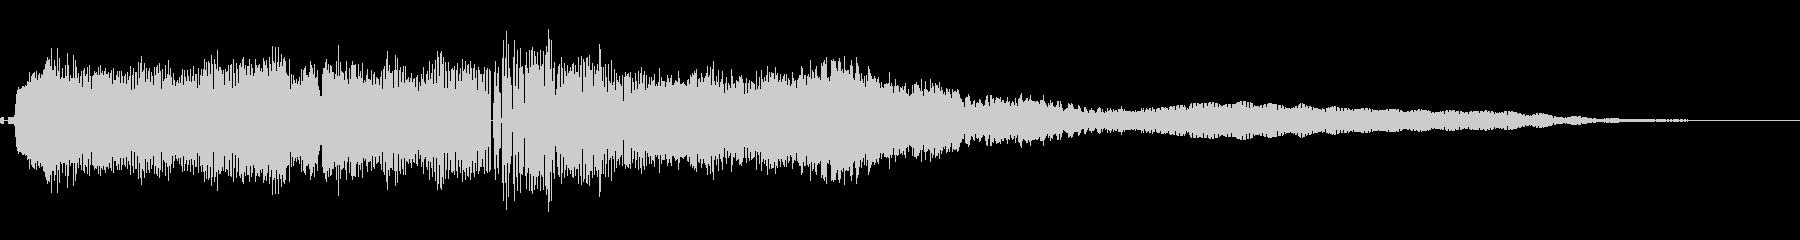 「ヴァオーーーン」【爆撃音・ジェット音】の未再生の波形